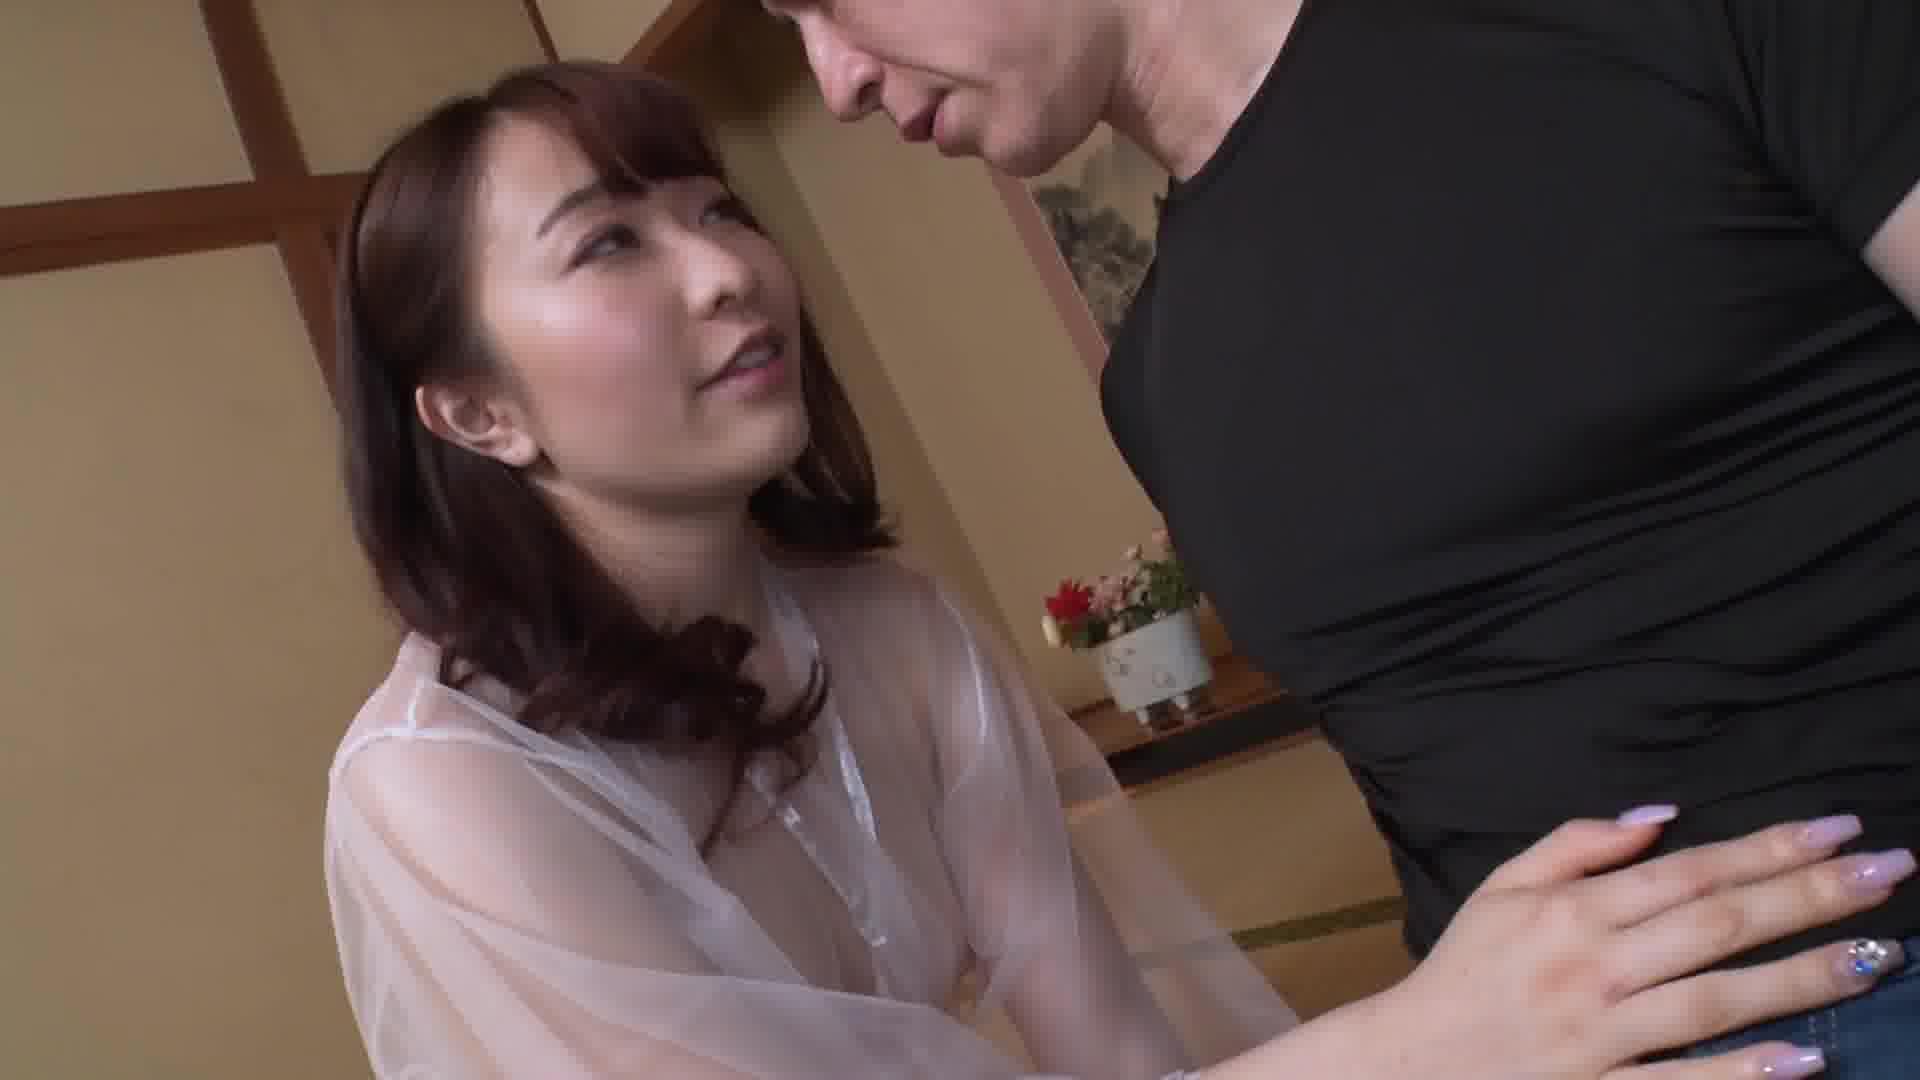 洗練された大人のいやし亭 ~可愛い狐顔のGカップ美女が、おいなりさんをにぎっておもてなし~ - 森田みゆ【巨乳・着物・パイパン】